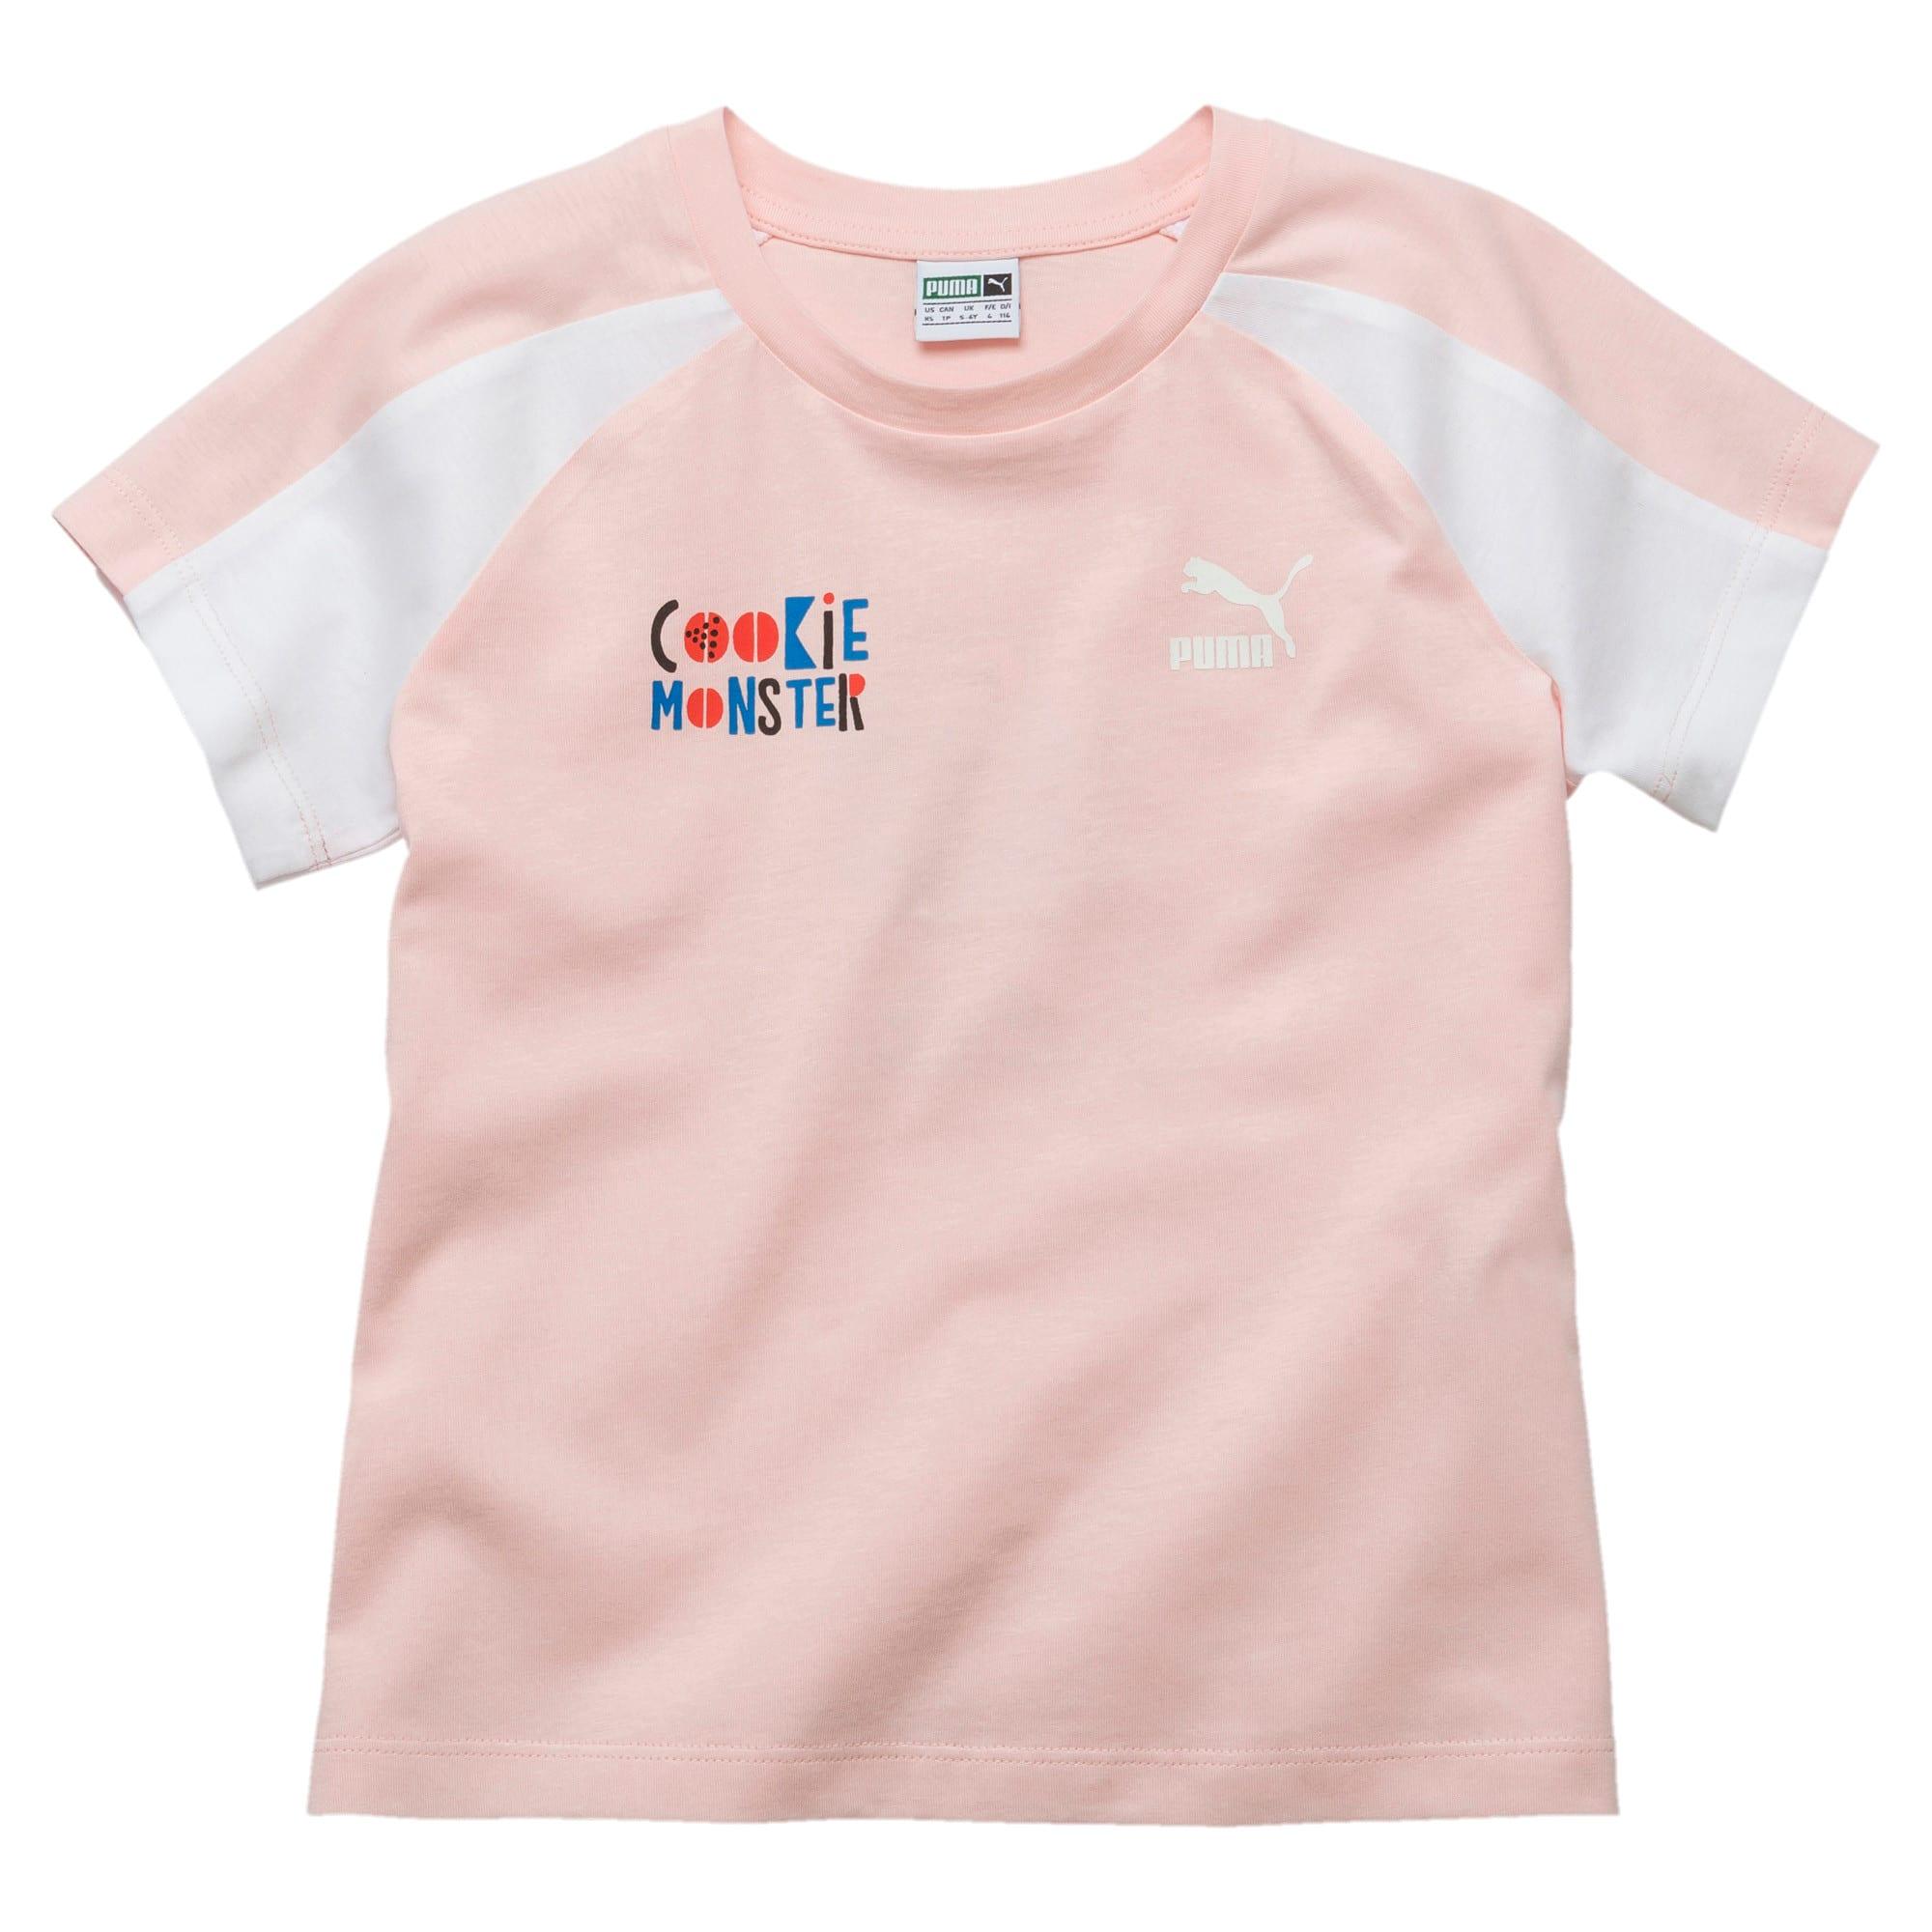 Miniatura 1 de Camiseta PUMA x SESAME STREET para niña, Veiled Rose, mediano